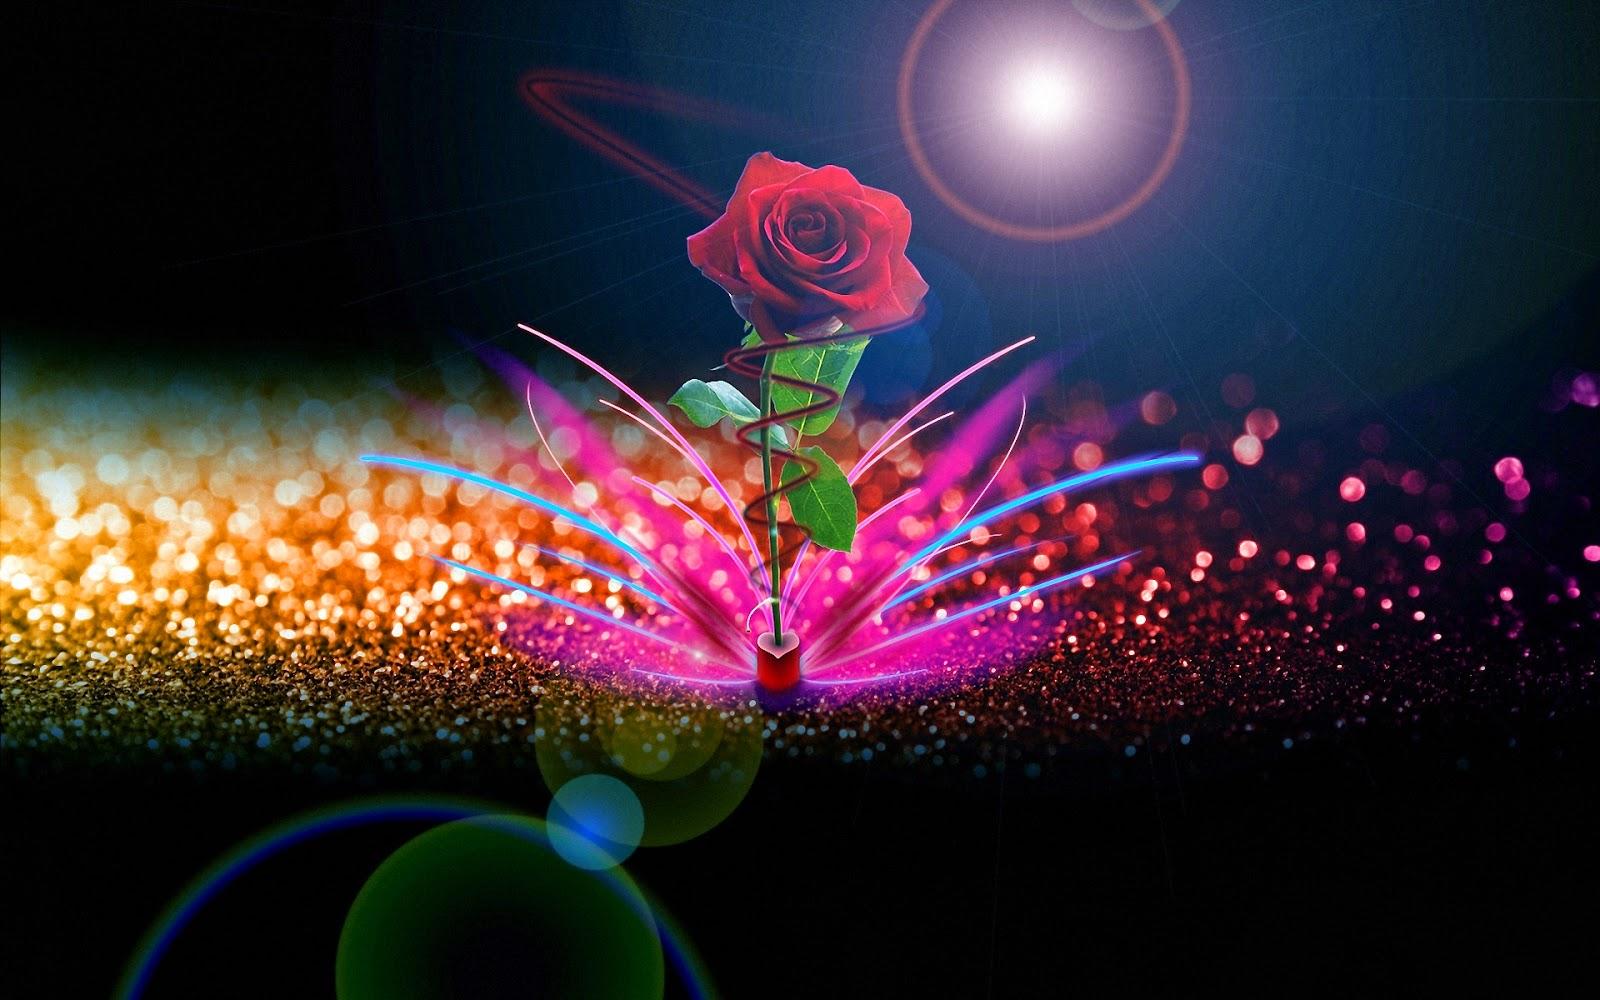 rosas hermosas Imágenes bellas - Imagenes Rosas Hermosas Brillantes